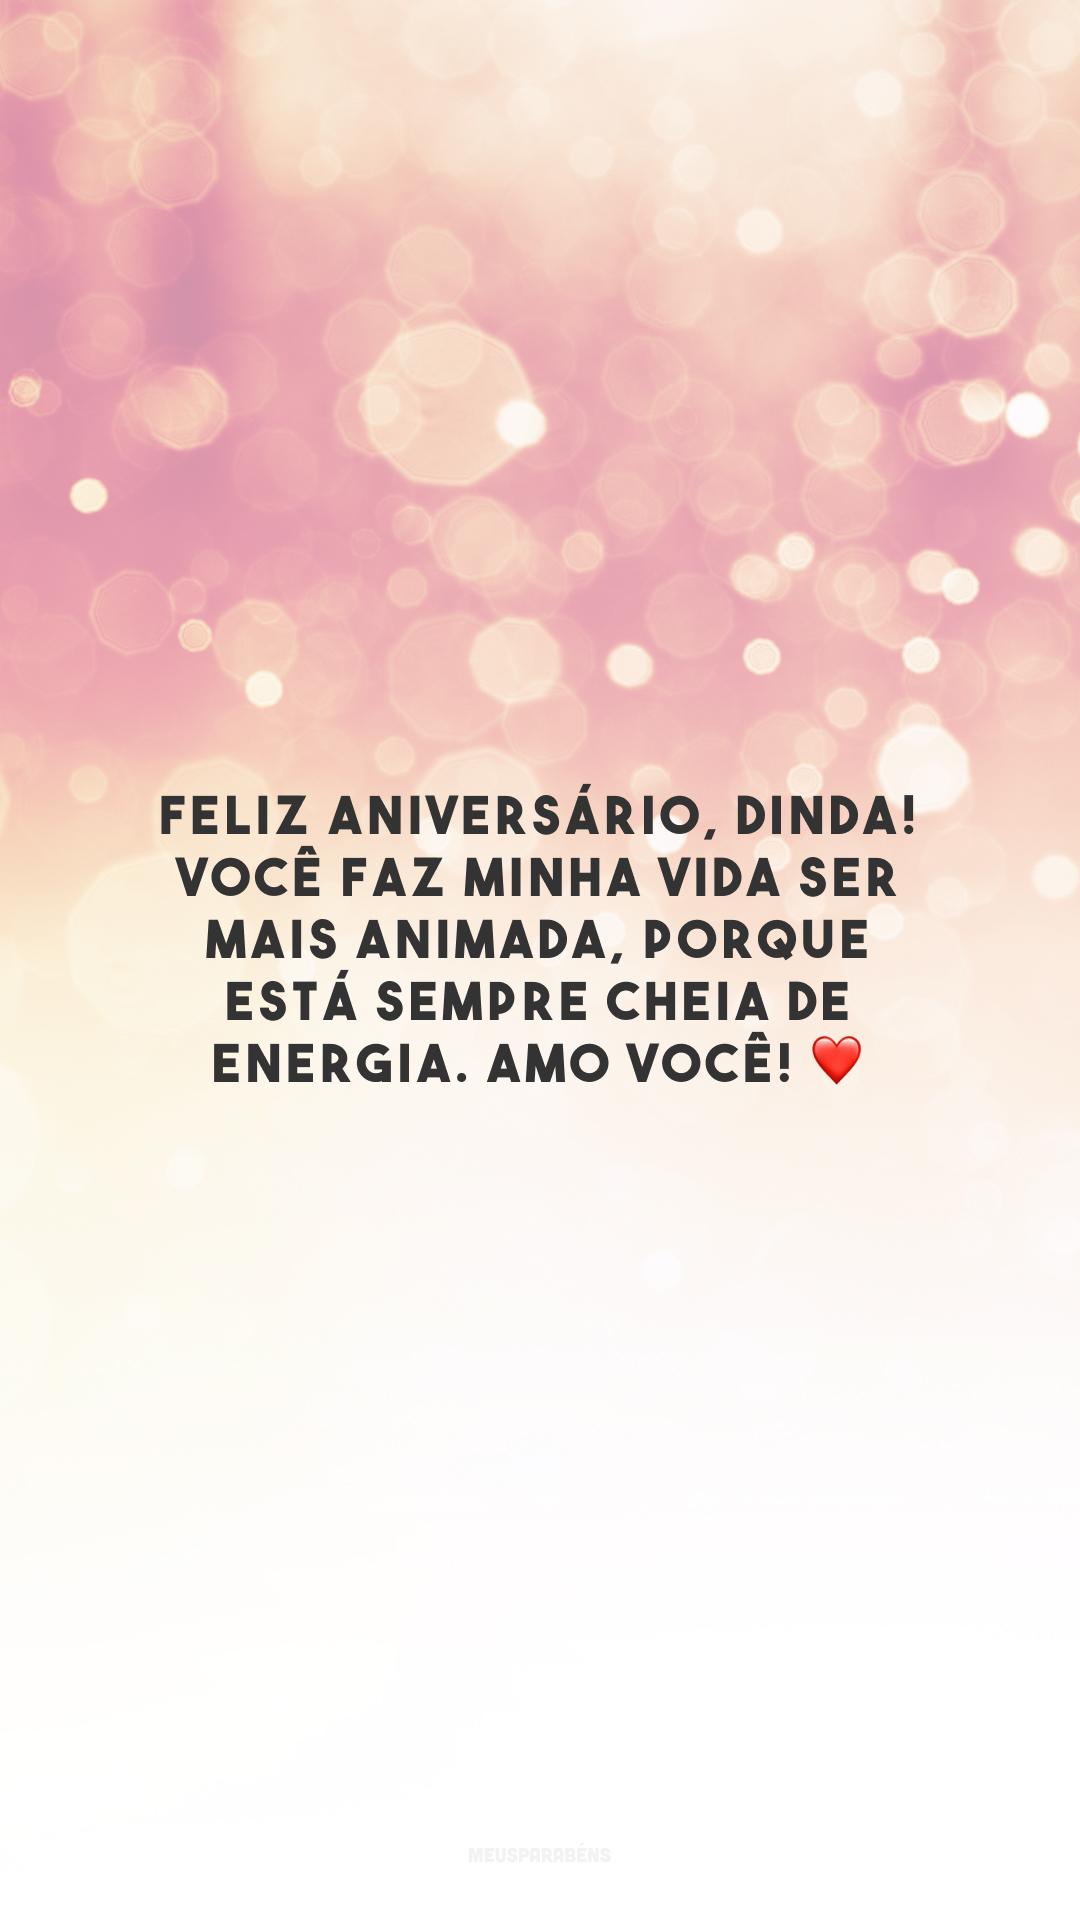 Feliz aniversário, dinda! Você faz minha vida ser mais animada, porque está sempre cheia de energia. Amo você! ❤️